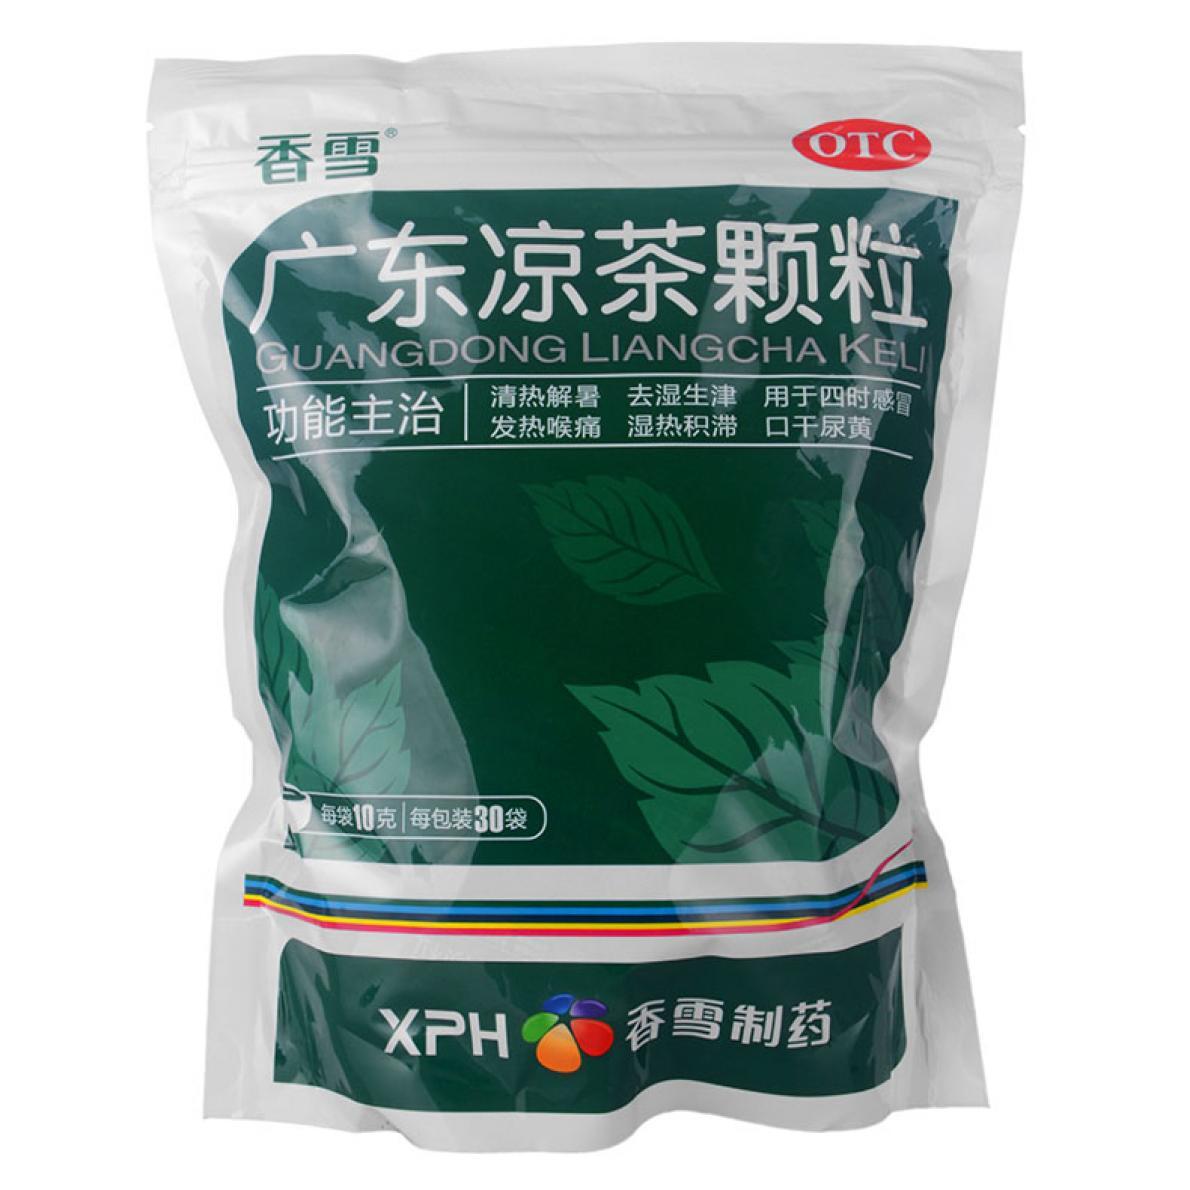 香雪 广东凉茶颗粒  10g*30袋